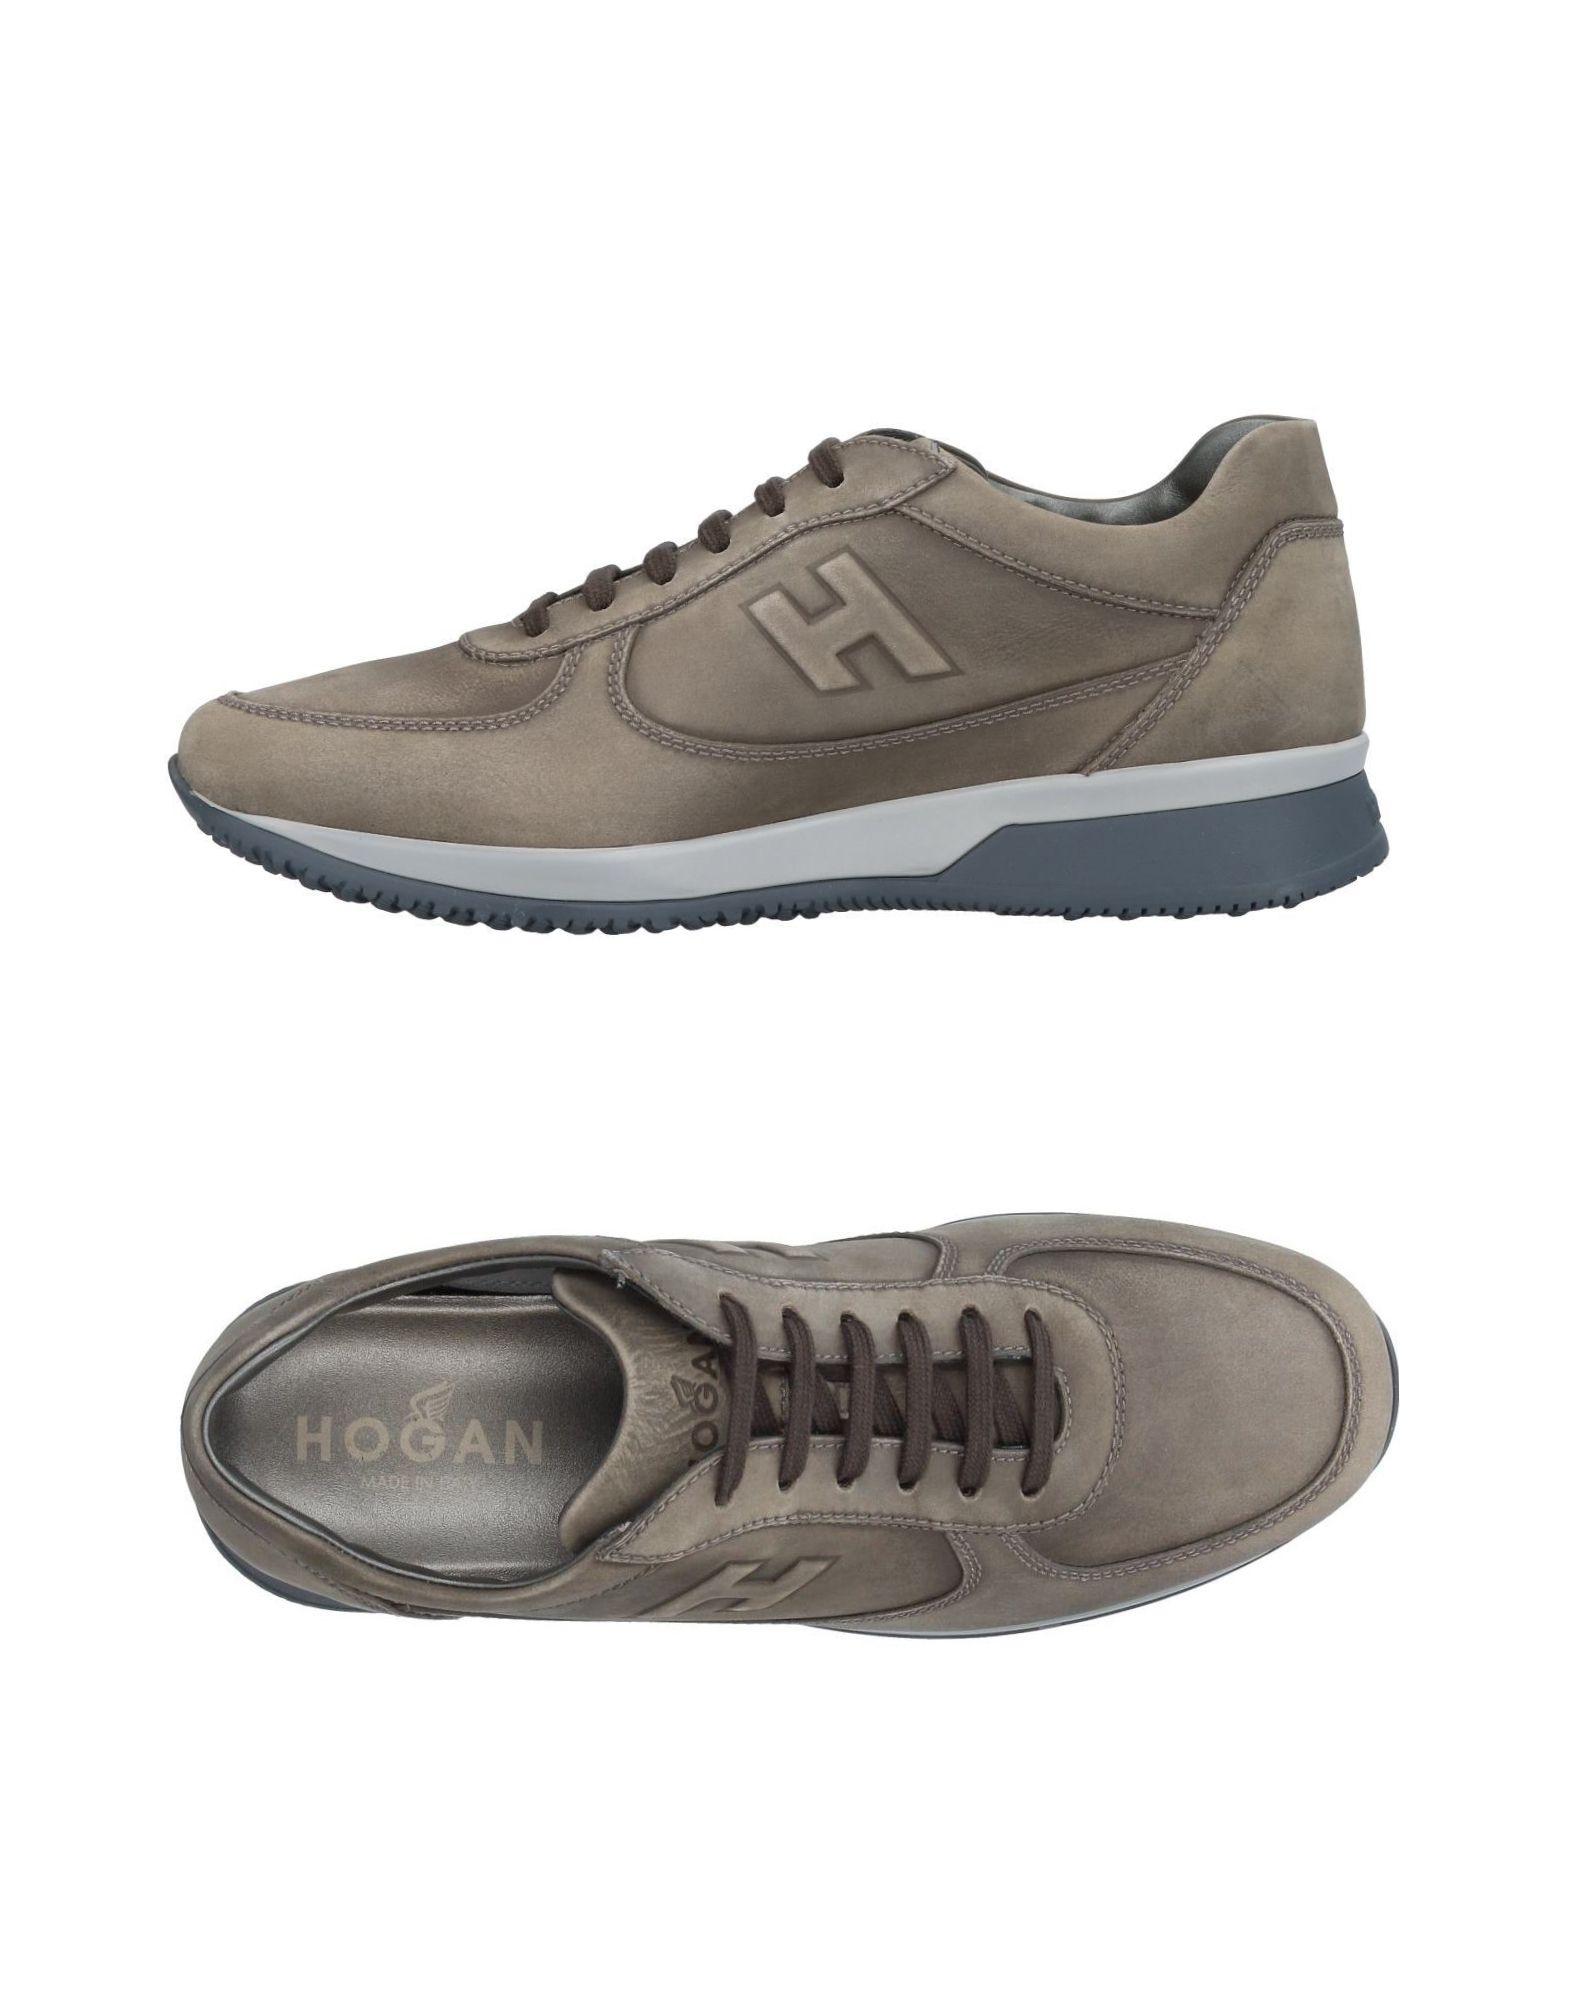 Hogan Sneakers Herren  11415046UT Gute Qualität beliebte Schuhe